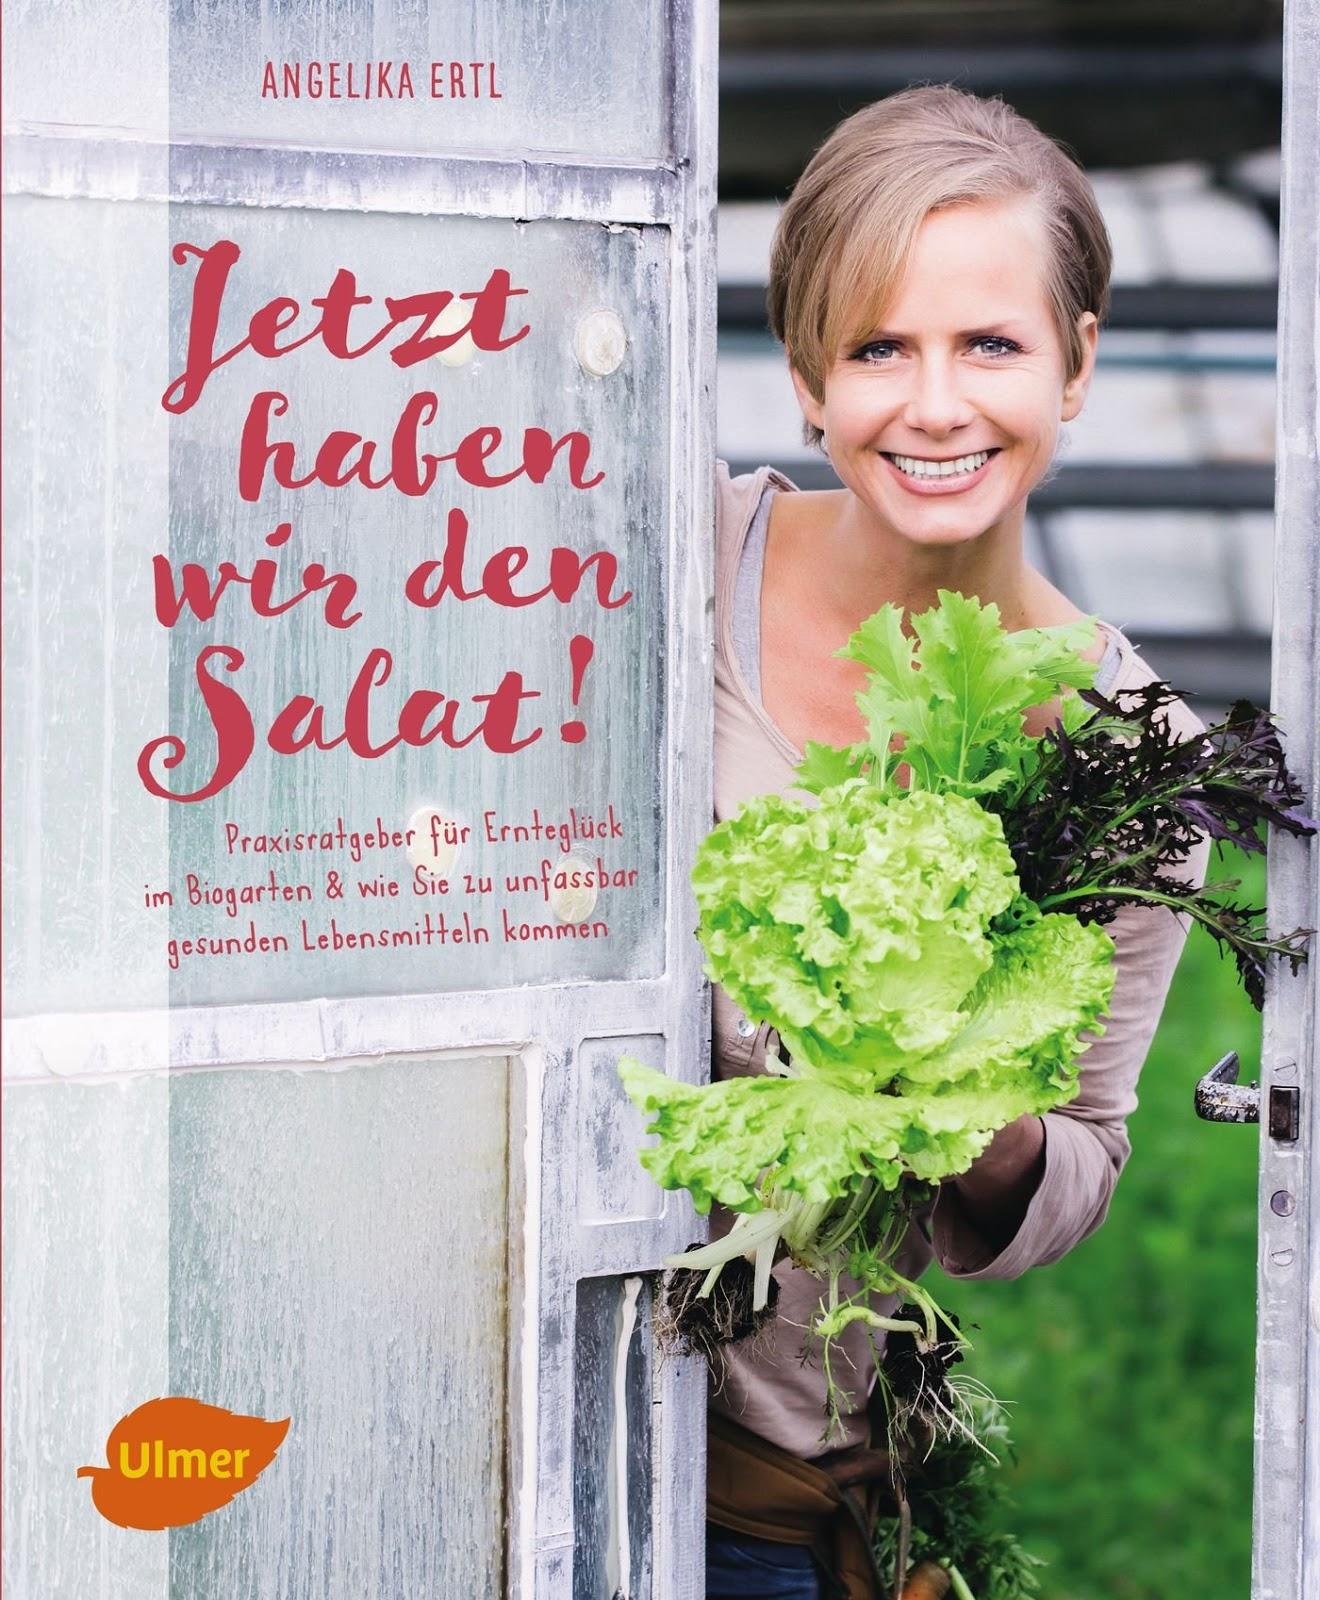 Rezension: Jetzt haben wir den Salat!: Praxisratgeber für Ernteglück im Biogarten und wie Sie zu unfassbar gesunden Lebensmitteln kommen